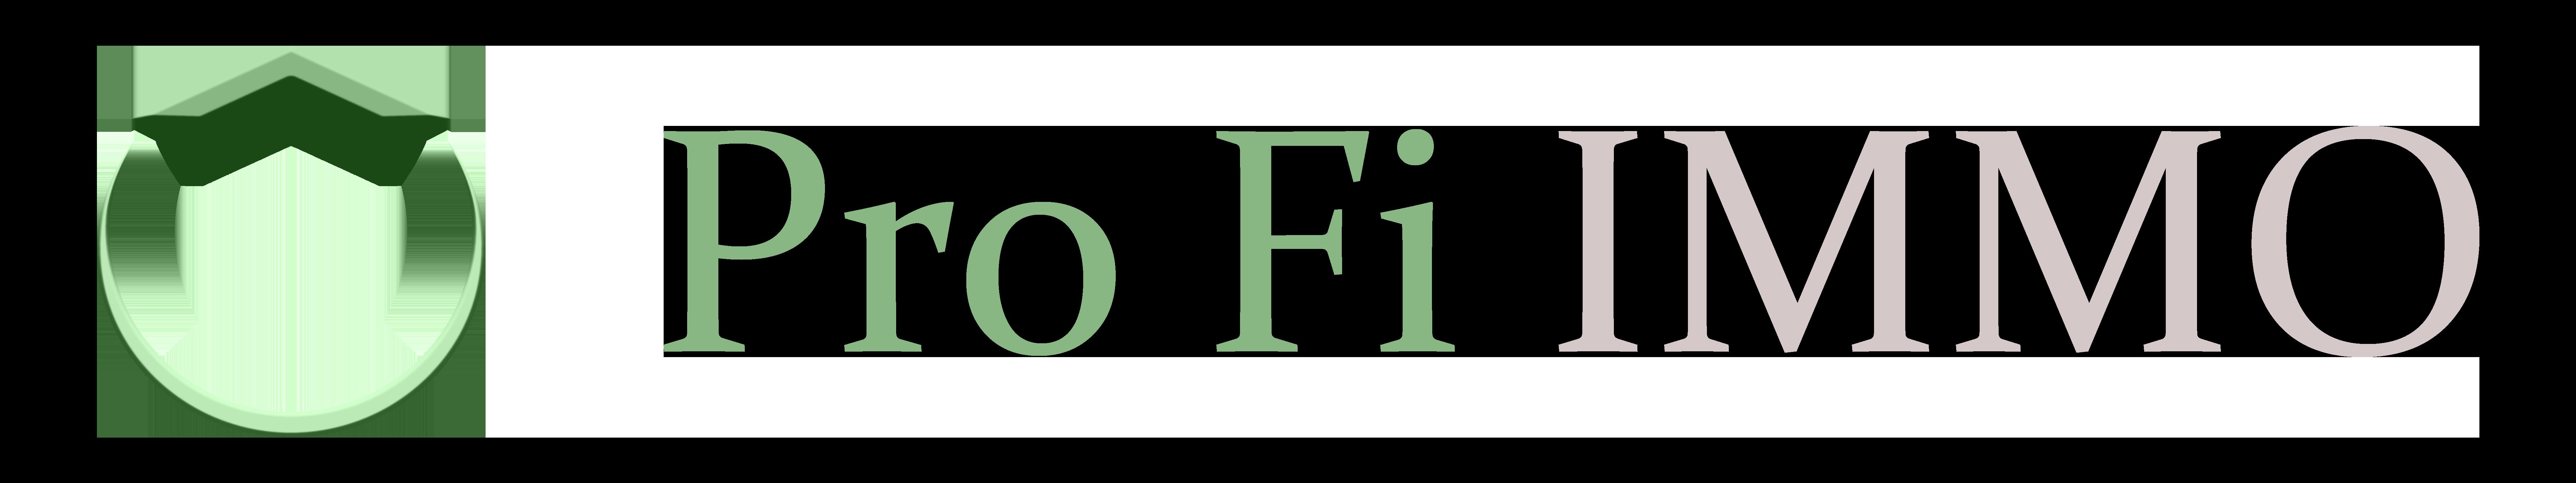 Pro-Fi-Immo